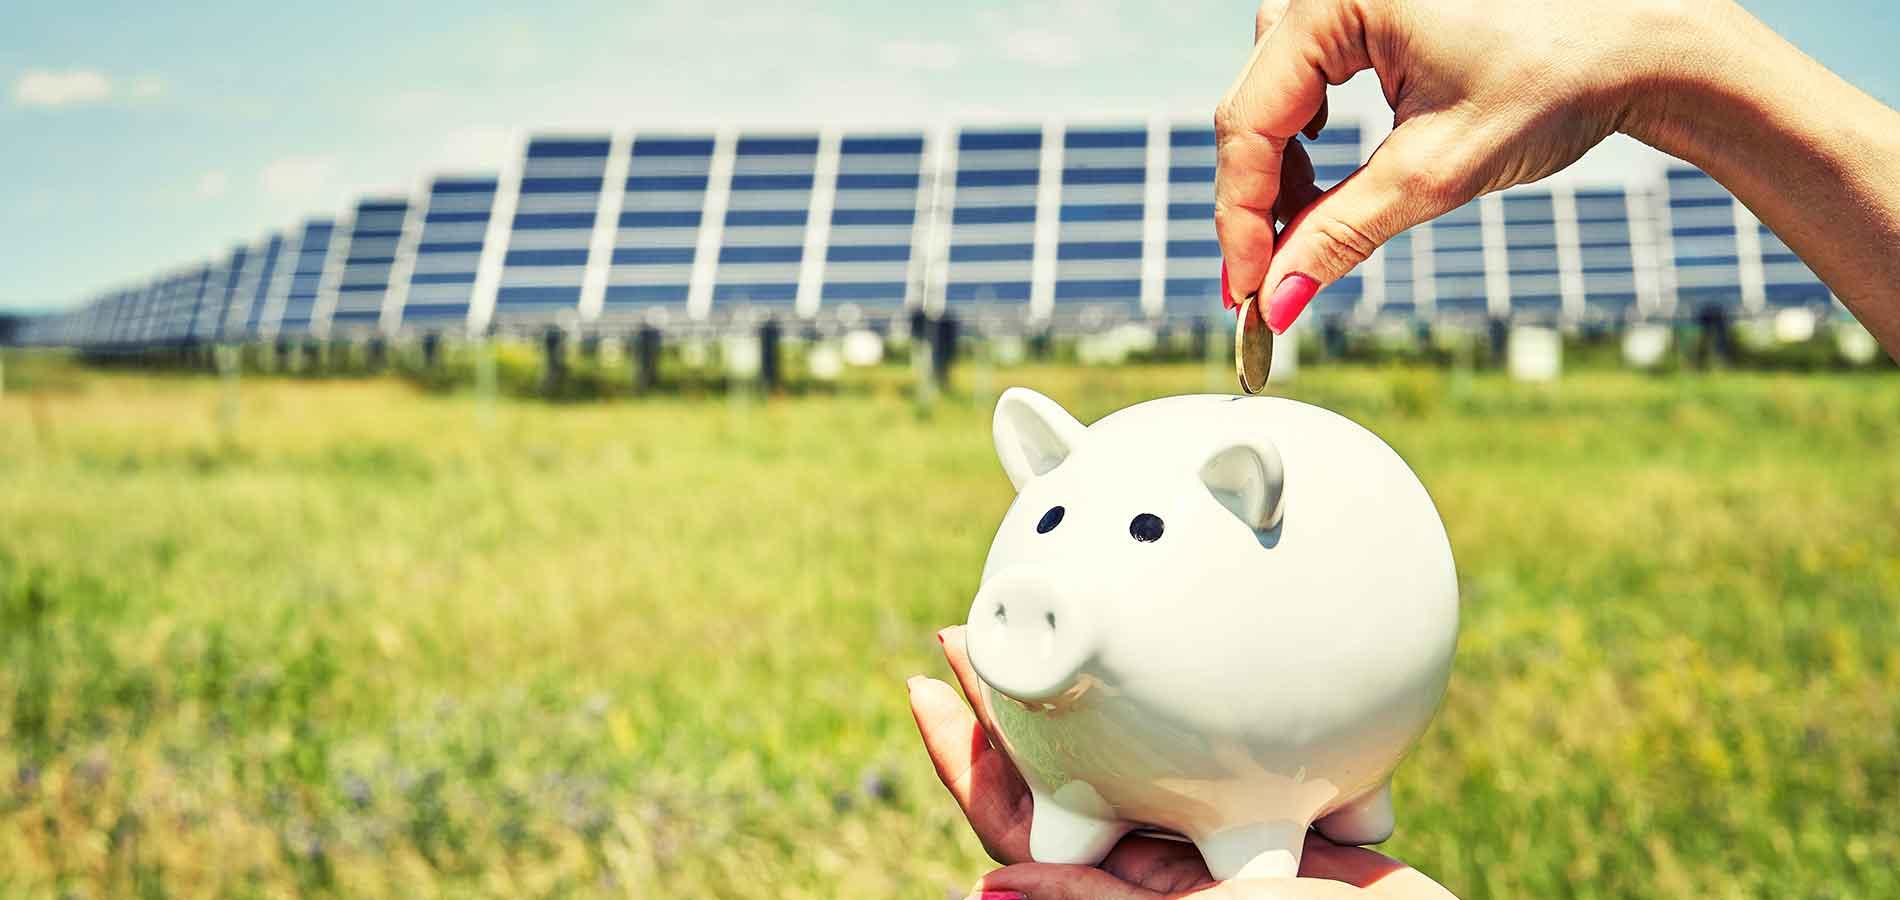 Nuovo Superbonus al 110% per fotovoltaico e pompe di calore con il DL Rilancio